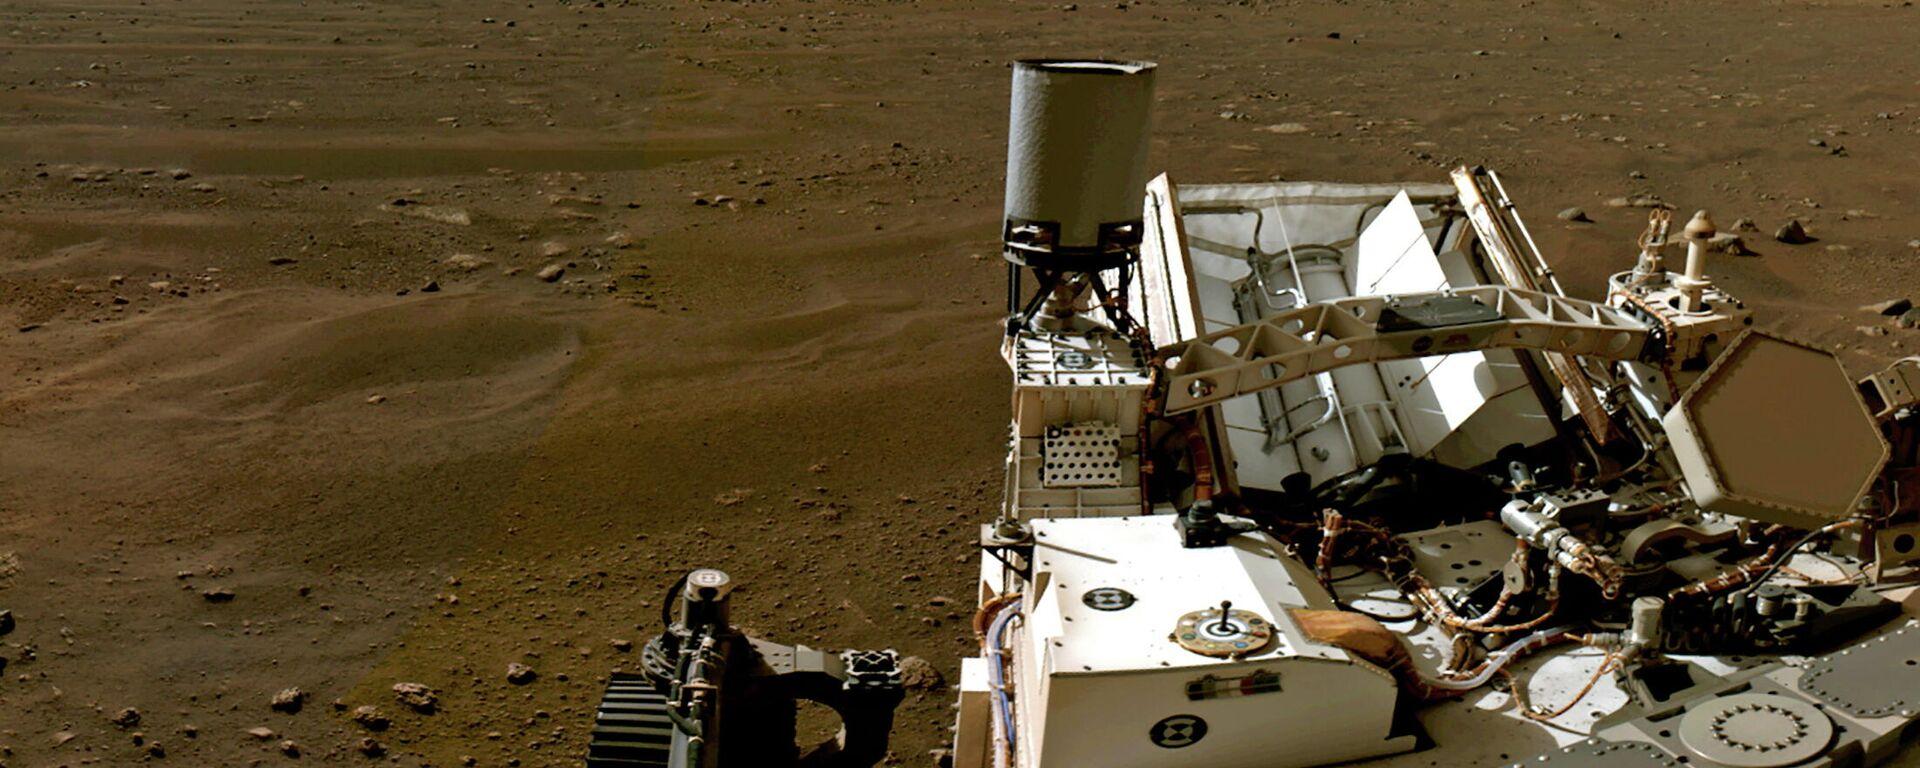 El paisaje marciano visto desde el rover Perseverance - Sputnik Mundo, 1920, 07.05.2021